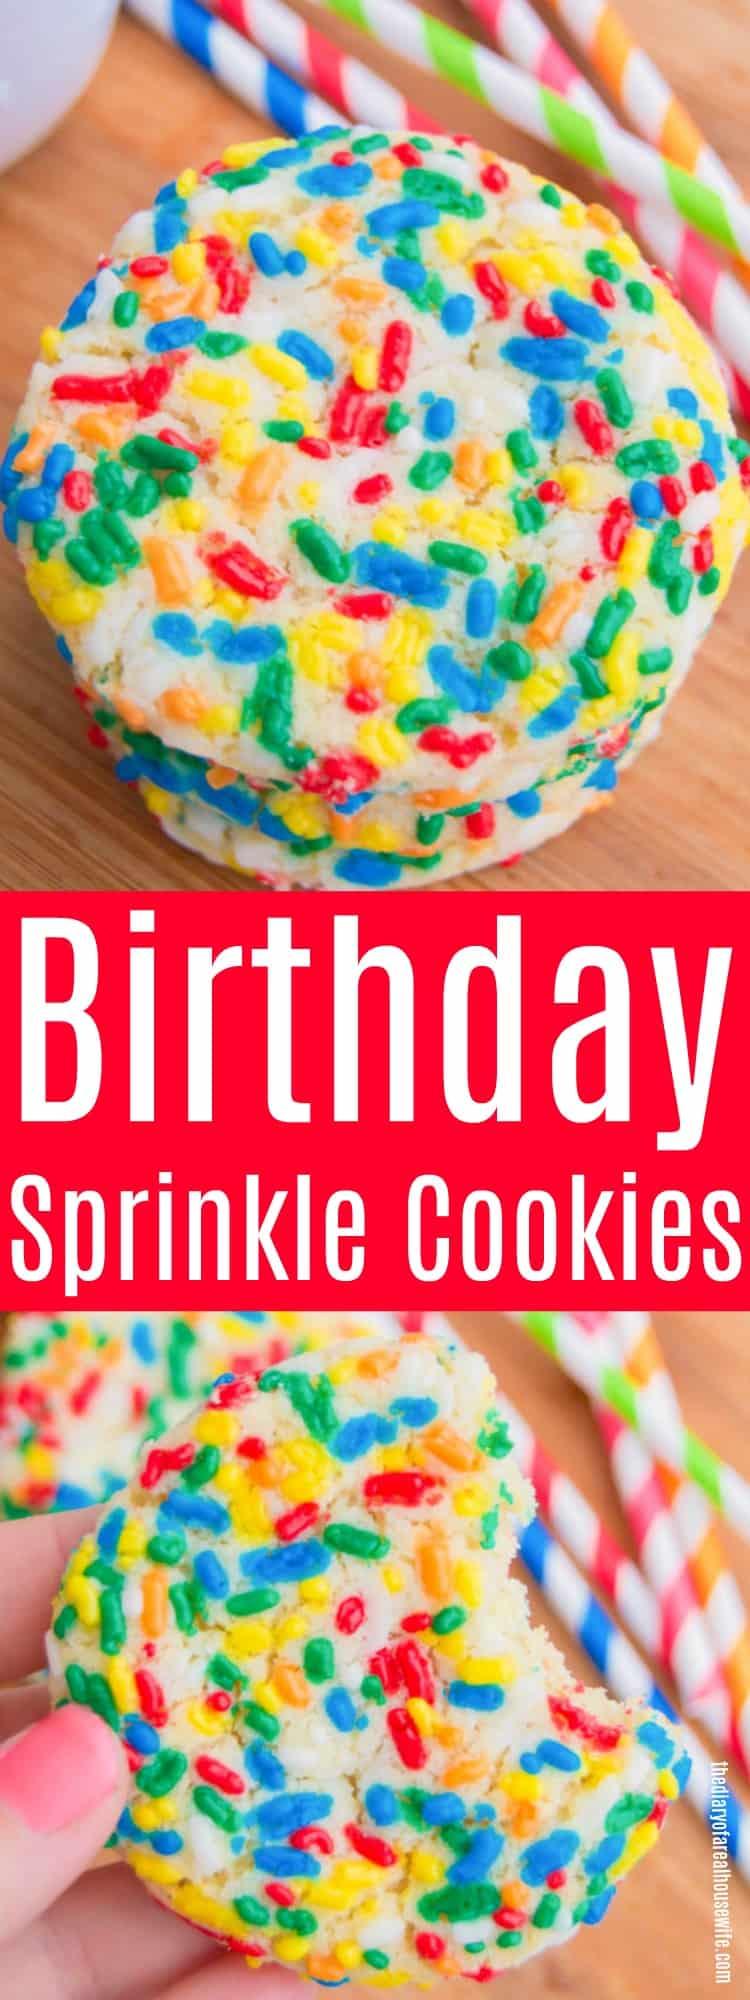 Birthday Sprinkle Cookies